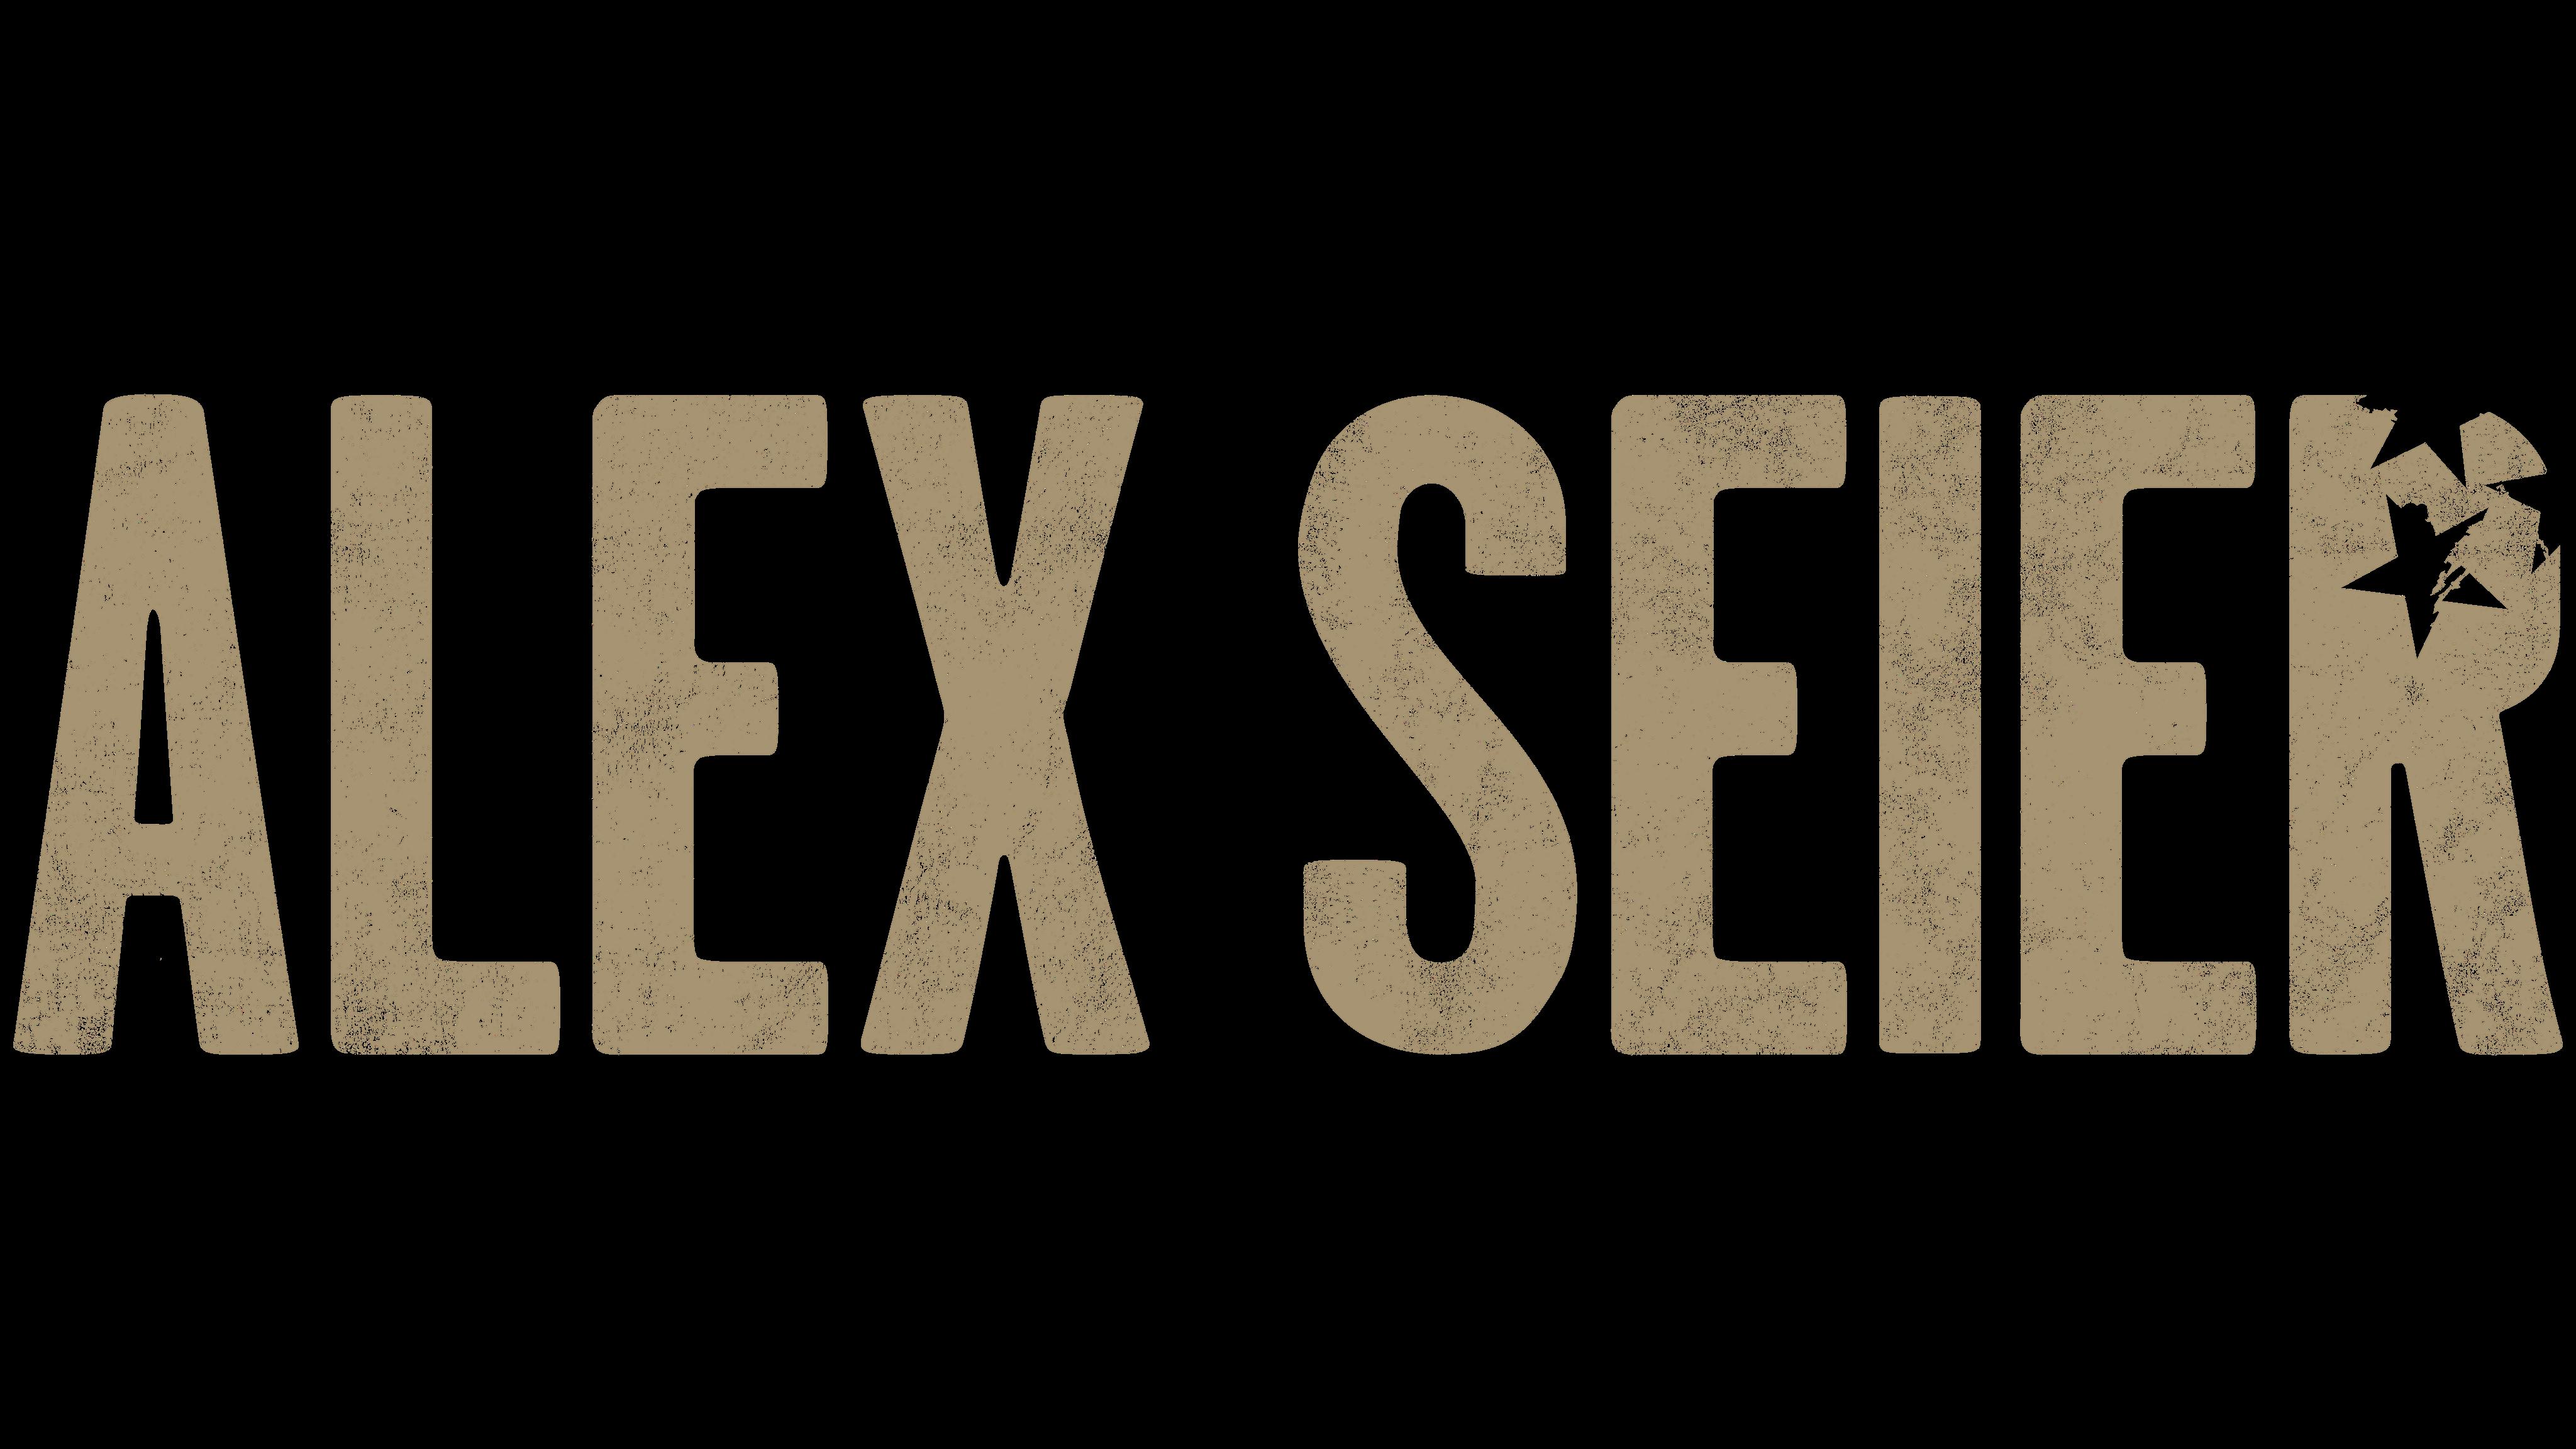 ALEX SEIER